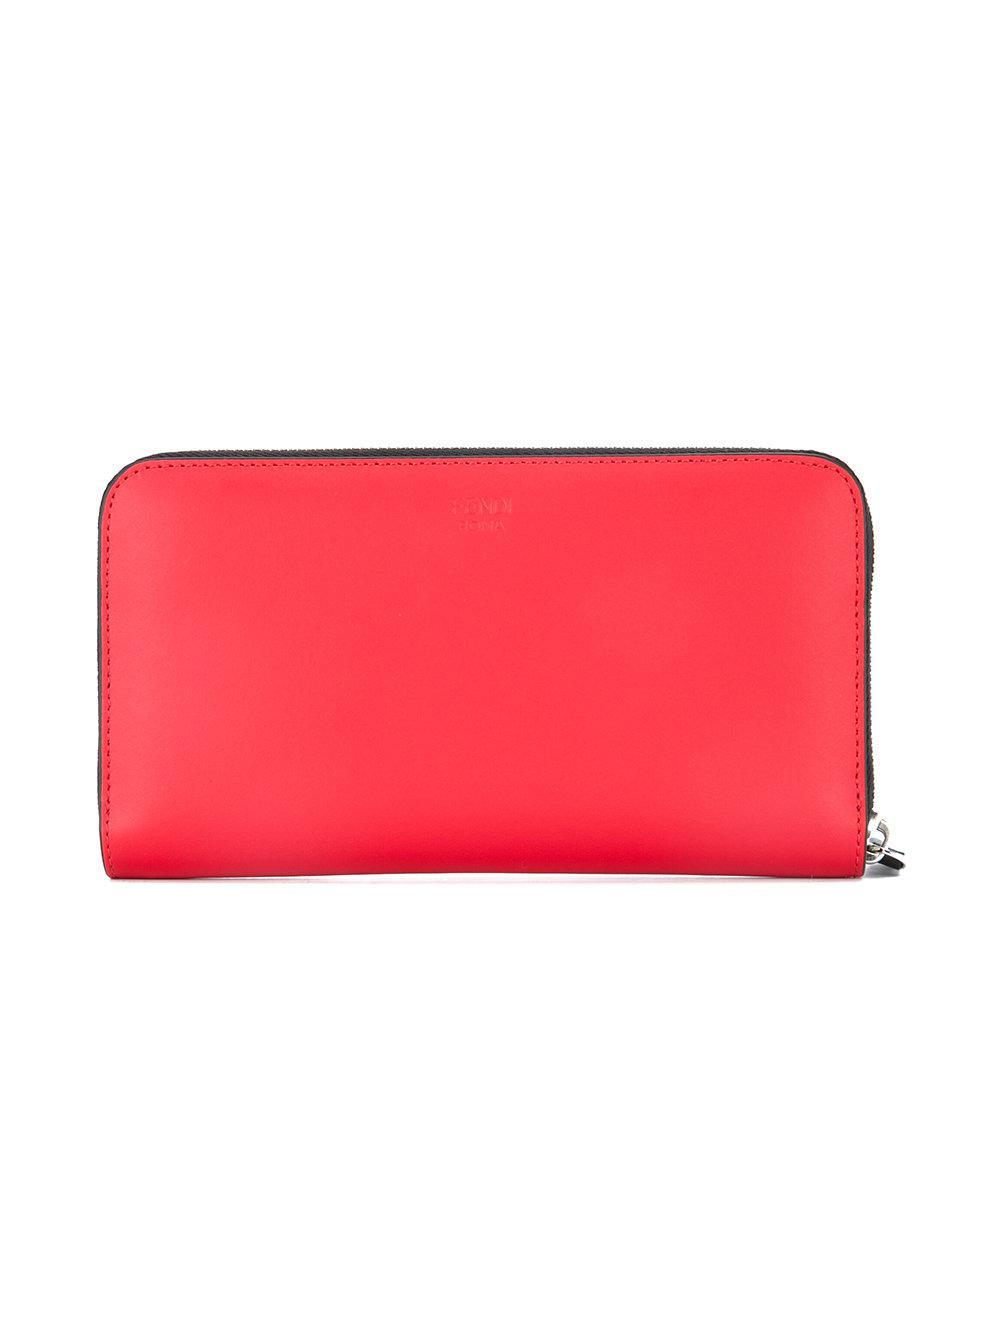 Lyst - Portefeuille à appliqués Bag Bugs Fendi pour homme en coloris ... 448b006fb6a